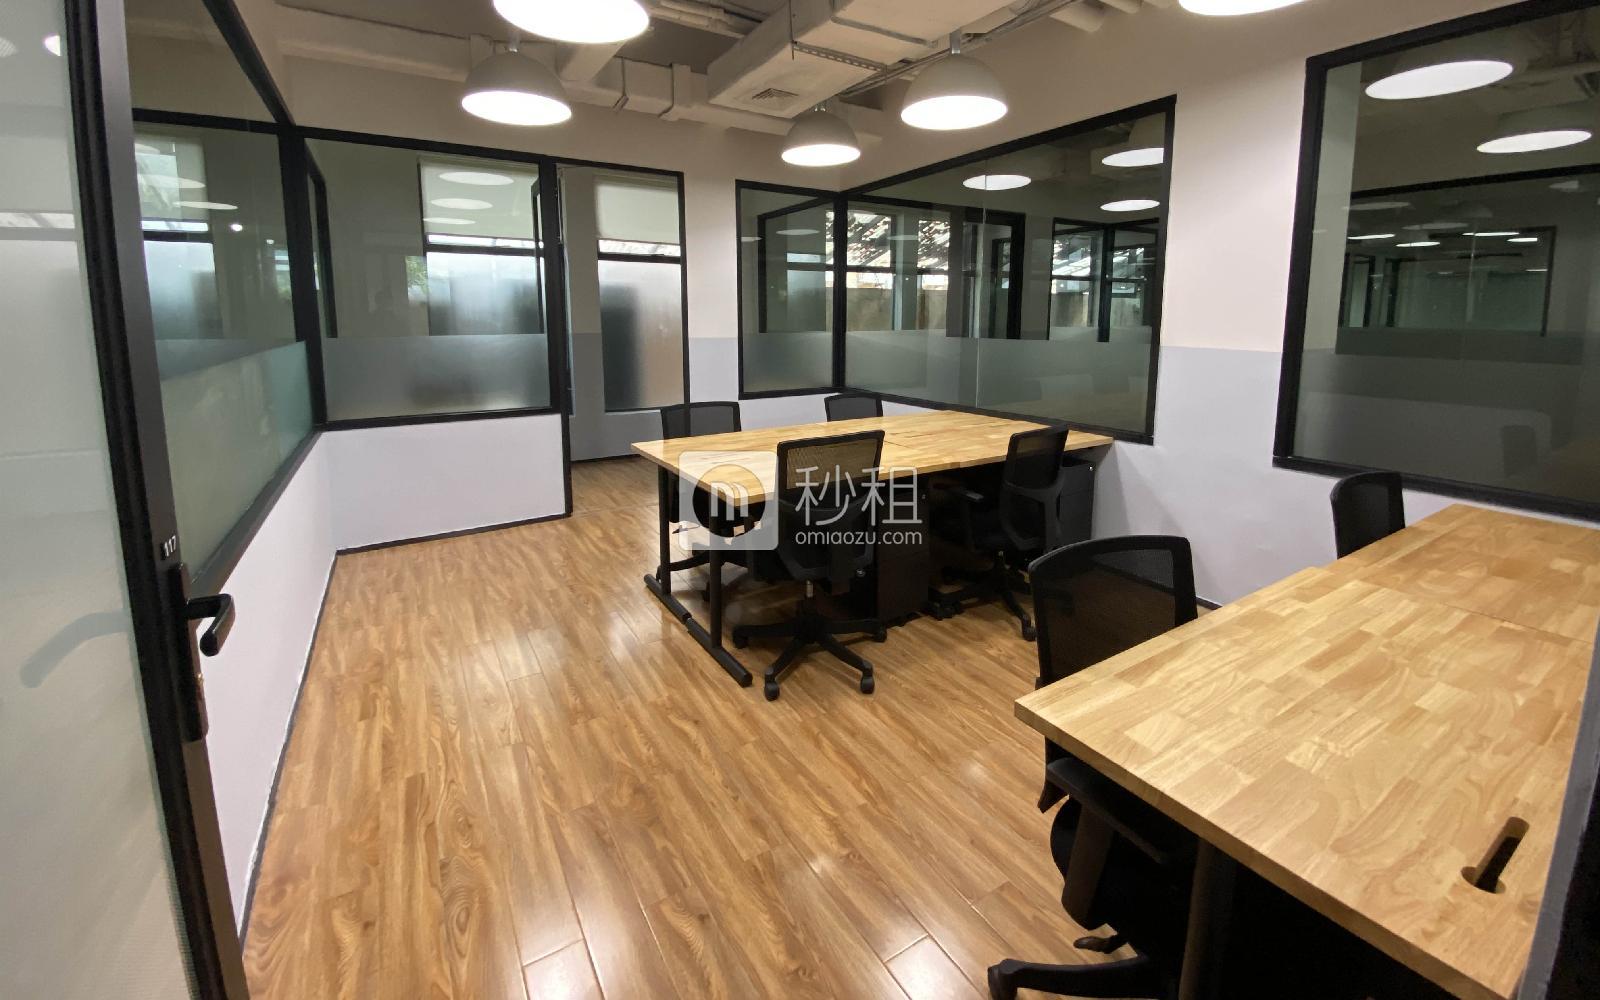 海珠-新港 氪空间-TIT创意园社区 45m²